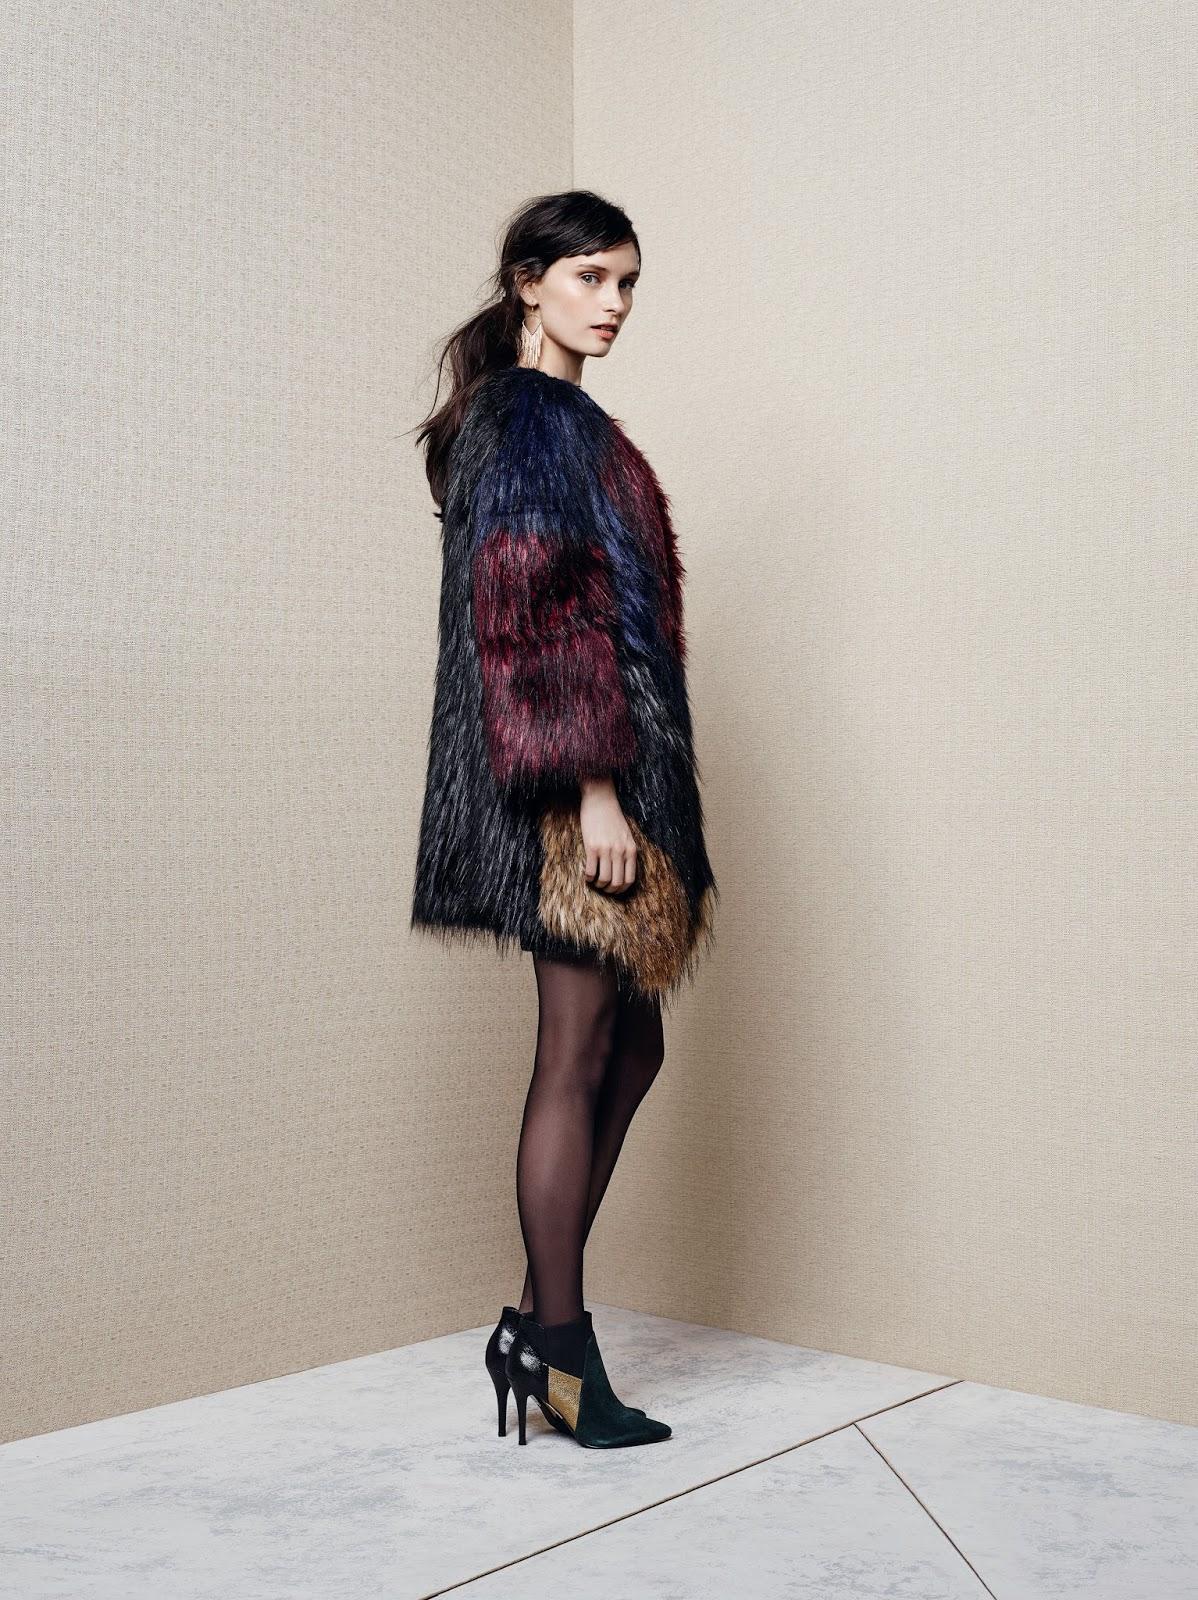 morgan collection automne hiver 2015 2016 dame skarlette. Black Bedroom Furniture Sets. Home Design Ideas